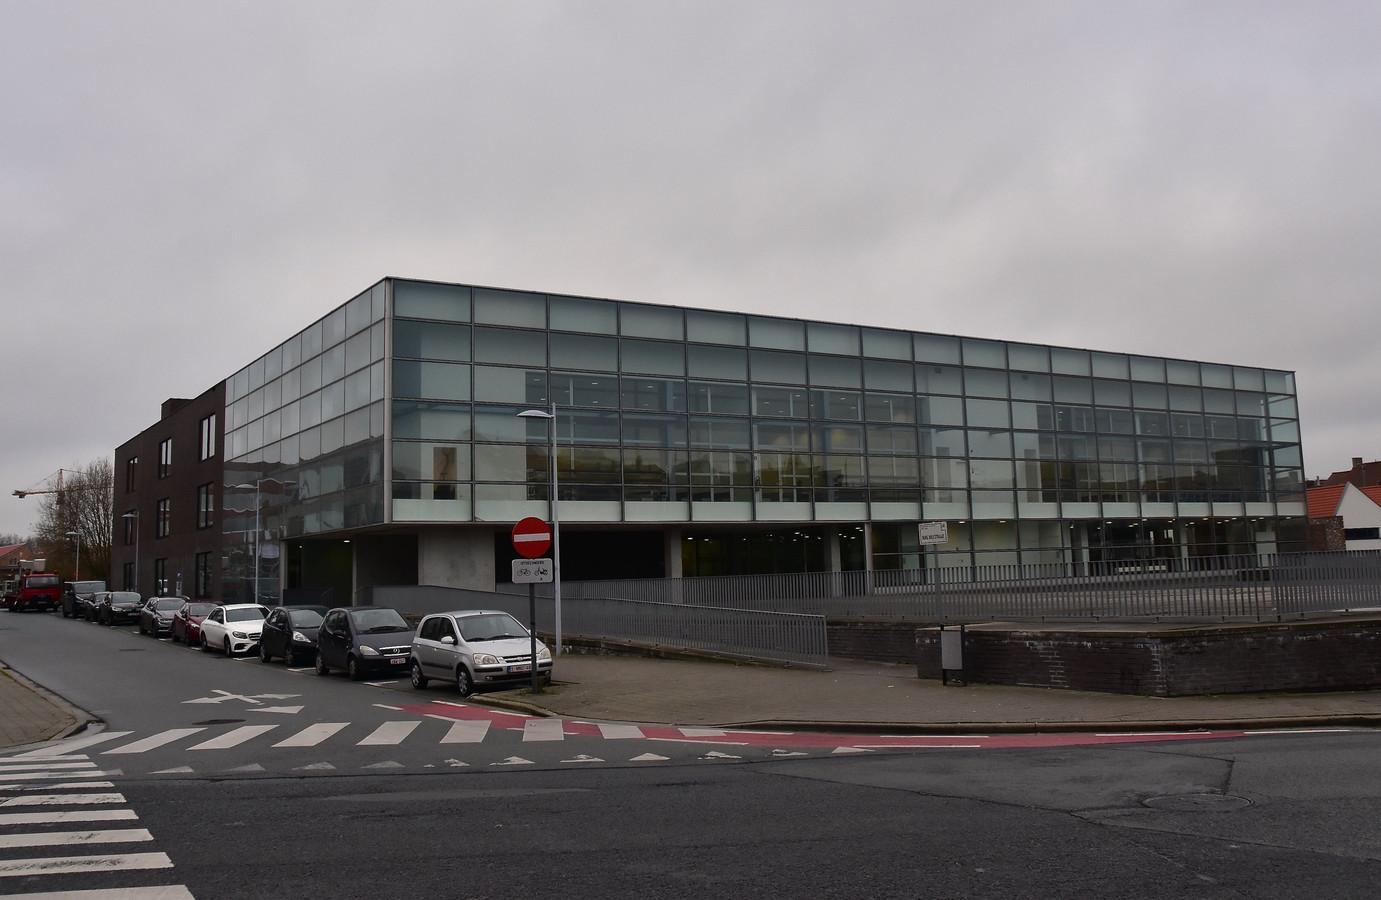 Het gebouw waarin de Kortrijkse politierechtbank is gevestigd.